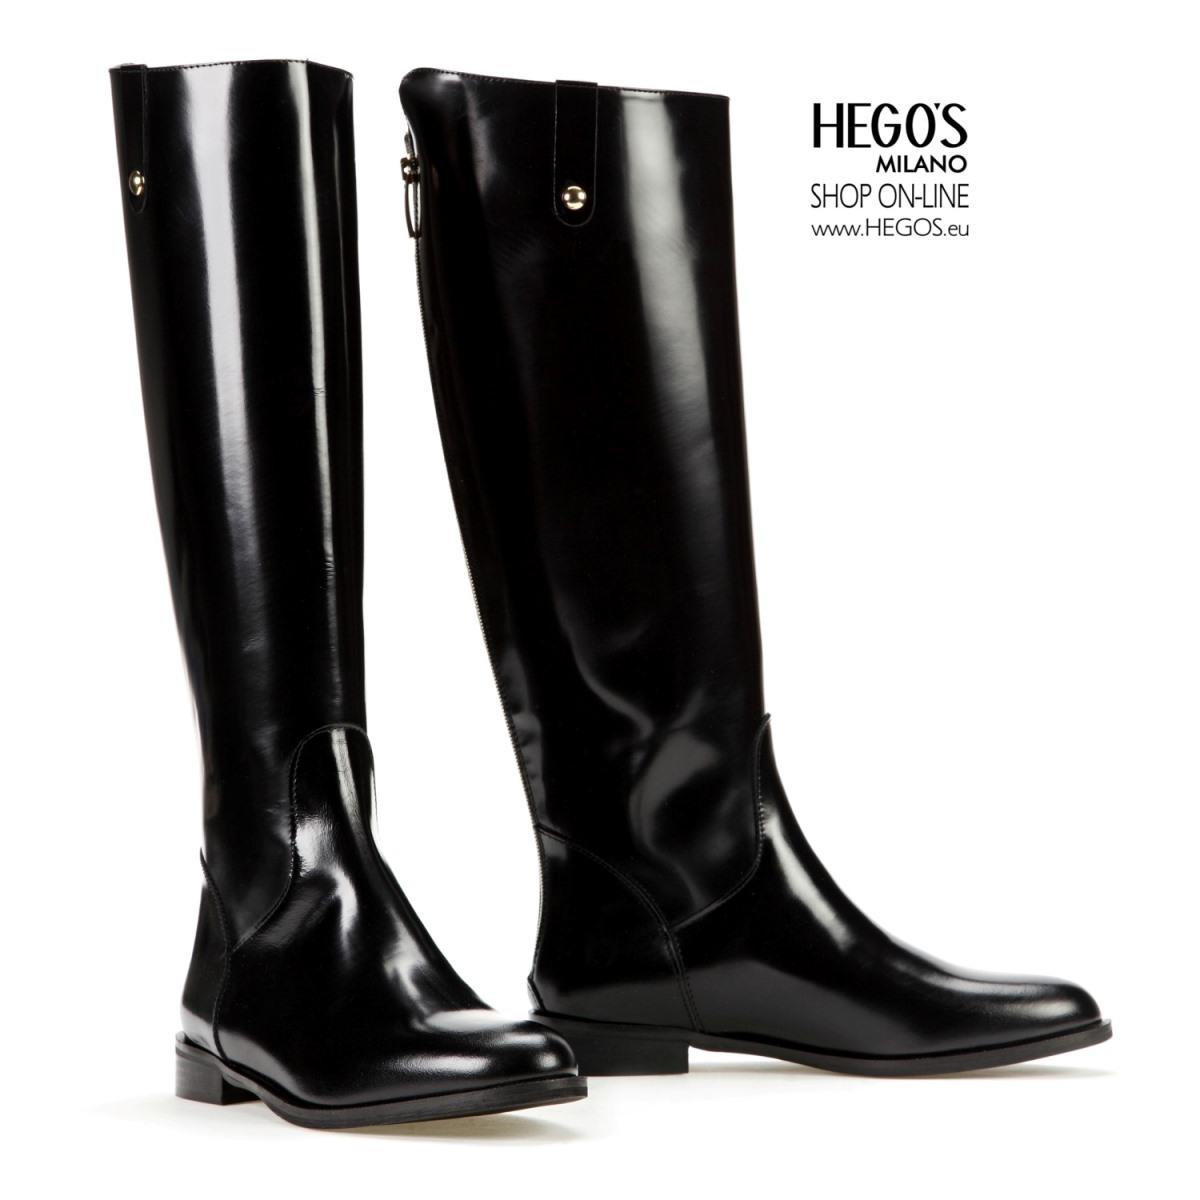 HEGOS_2003_abrasivato_nero_HEGOS_MILANO_02_649